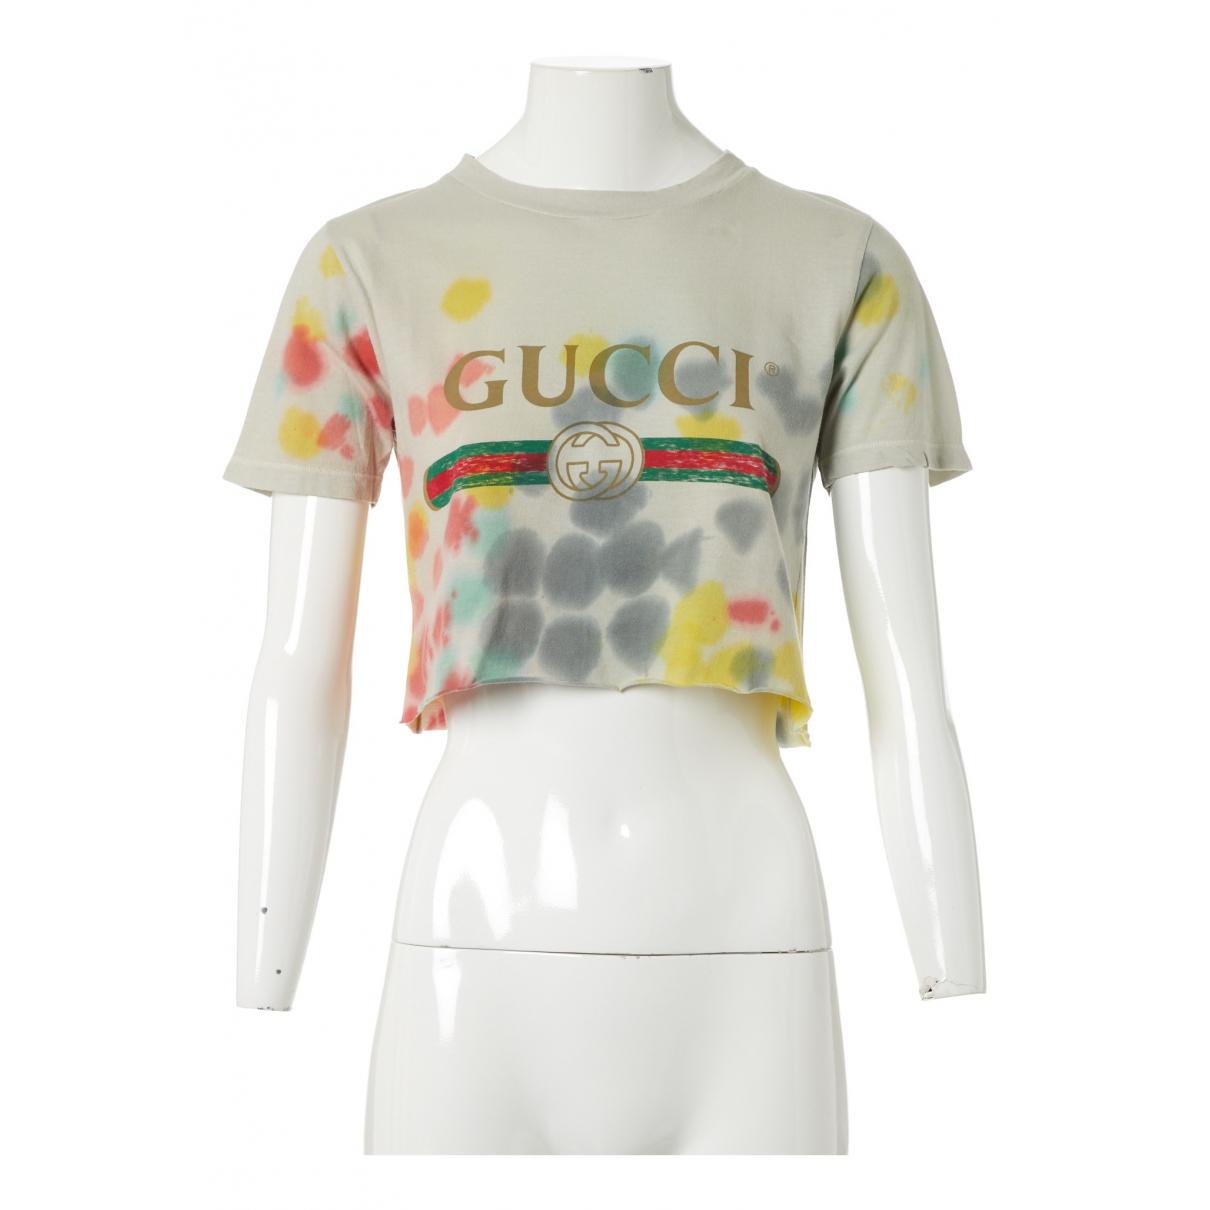 Gucci - Top   pour femme en coton - multicolore